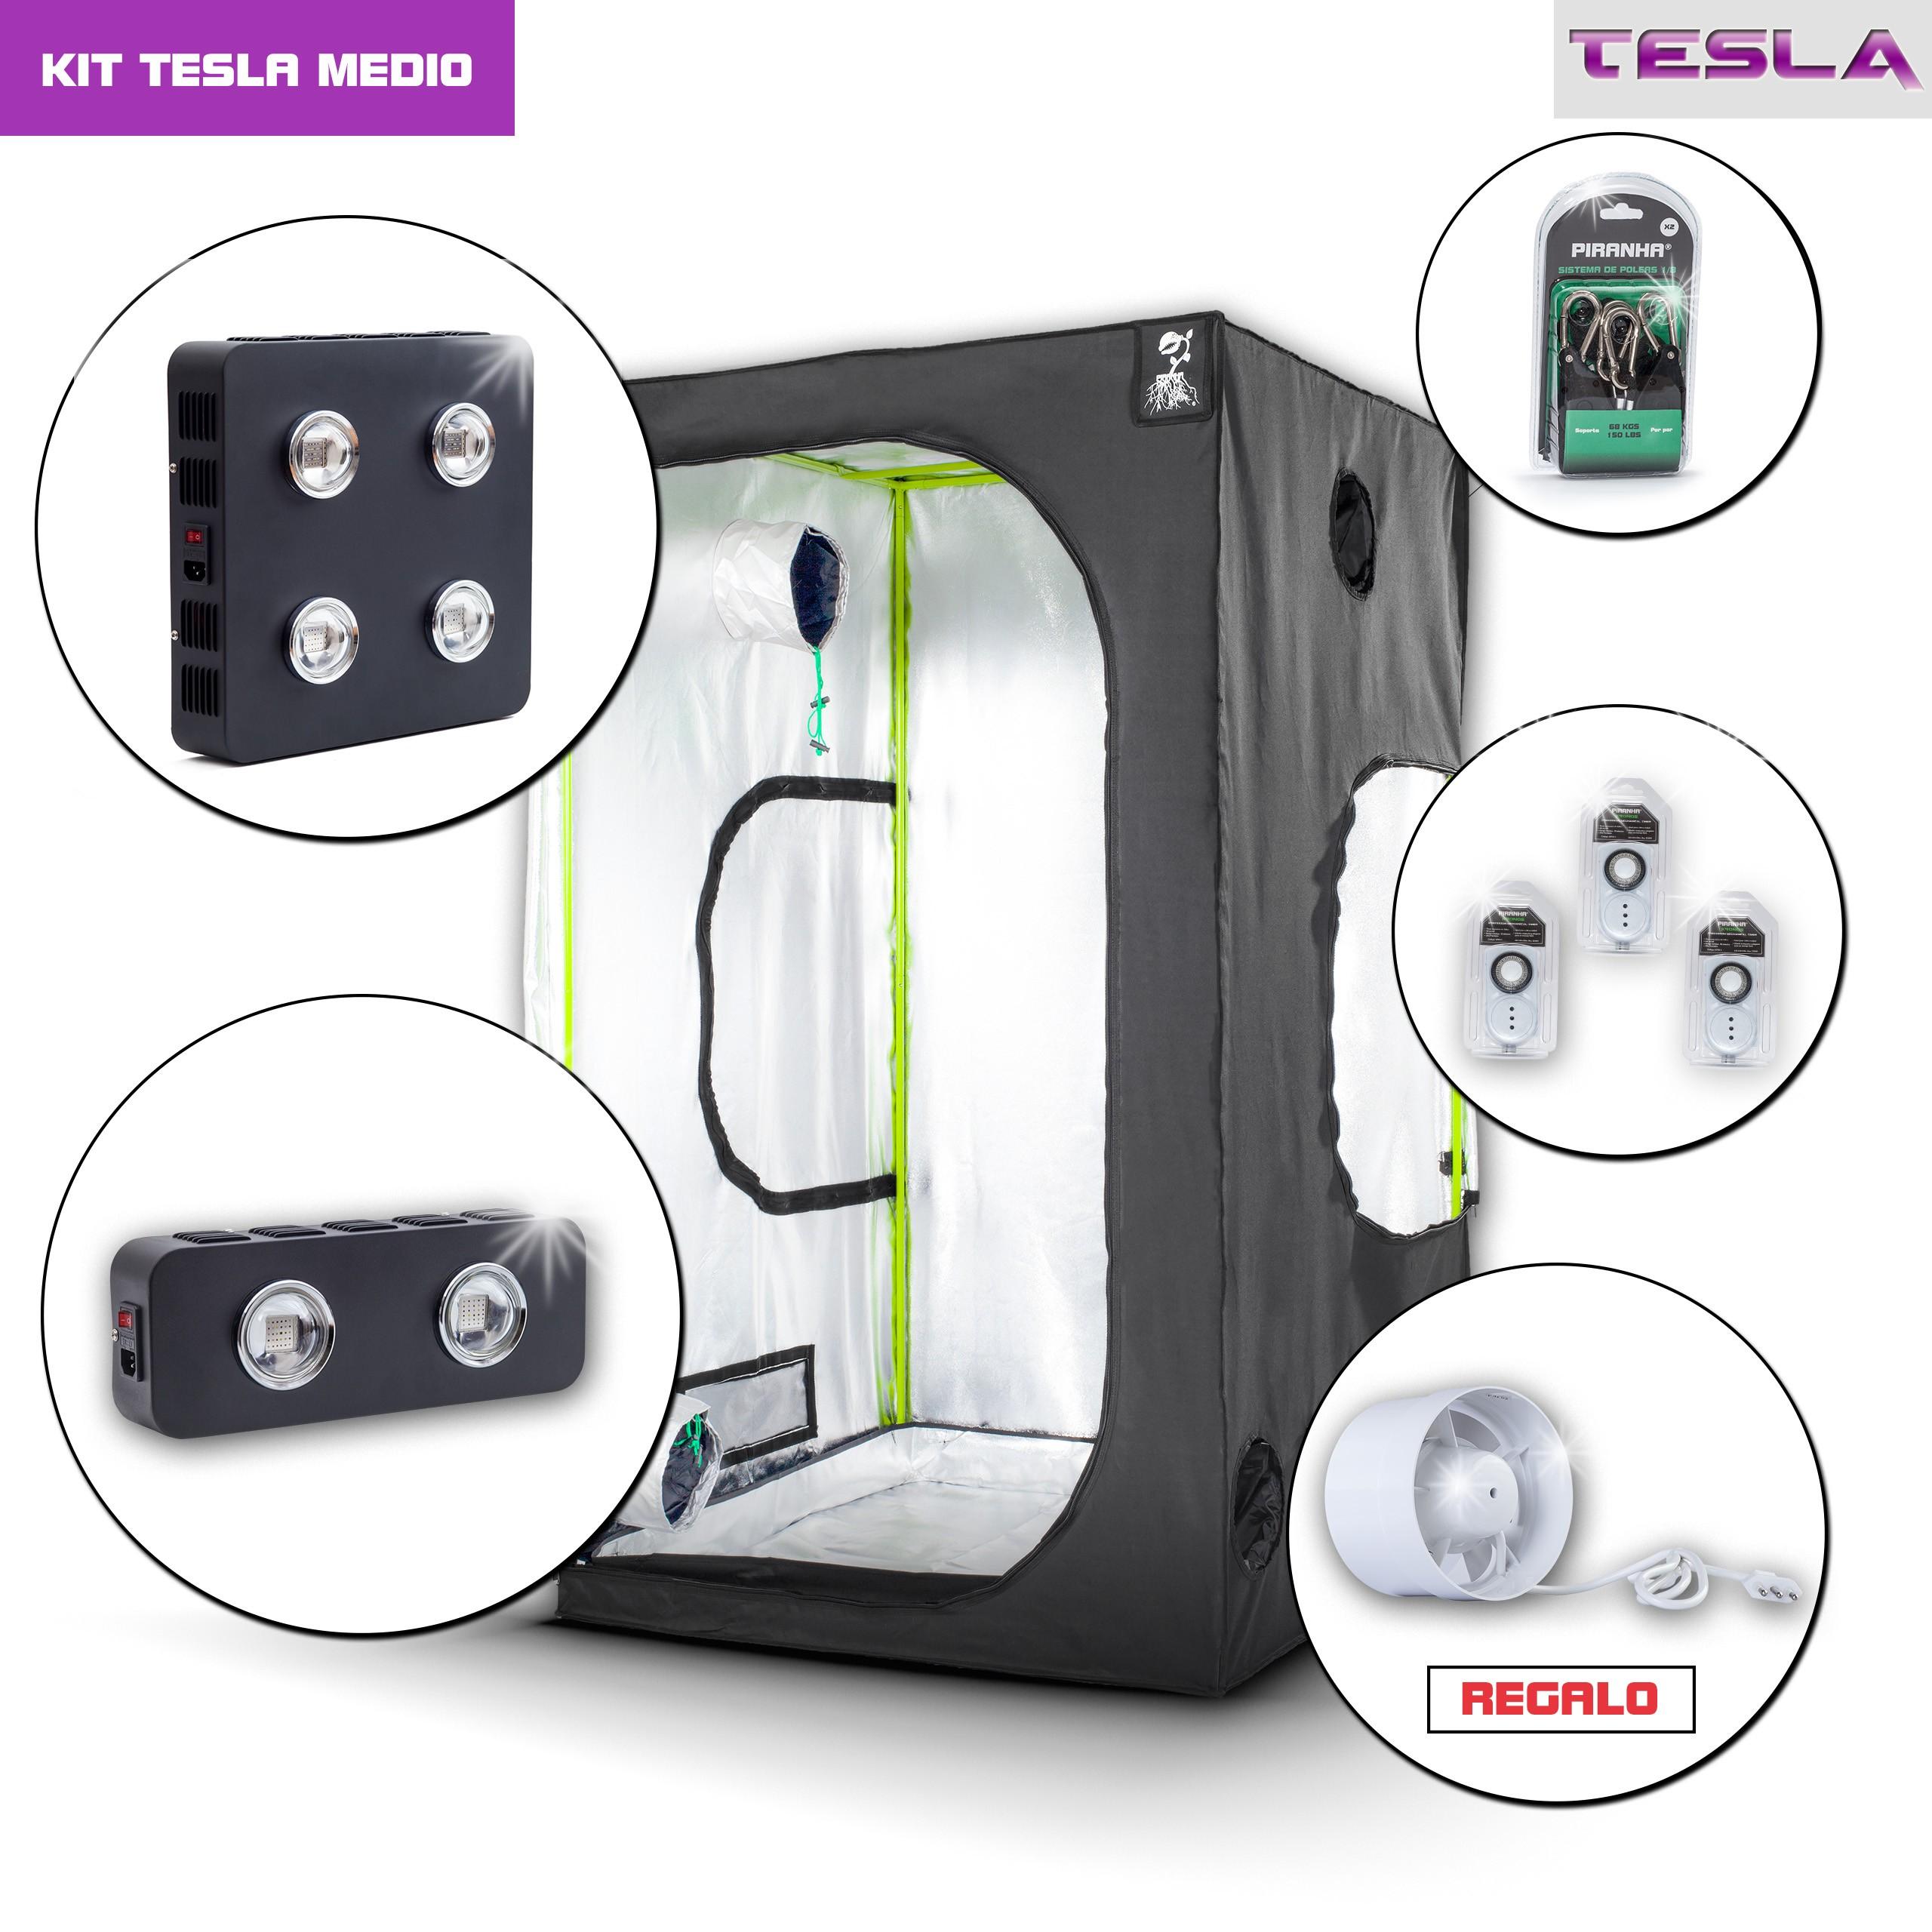 Kit Tesla 120 - 540W Medio